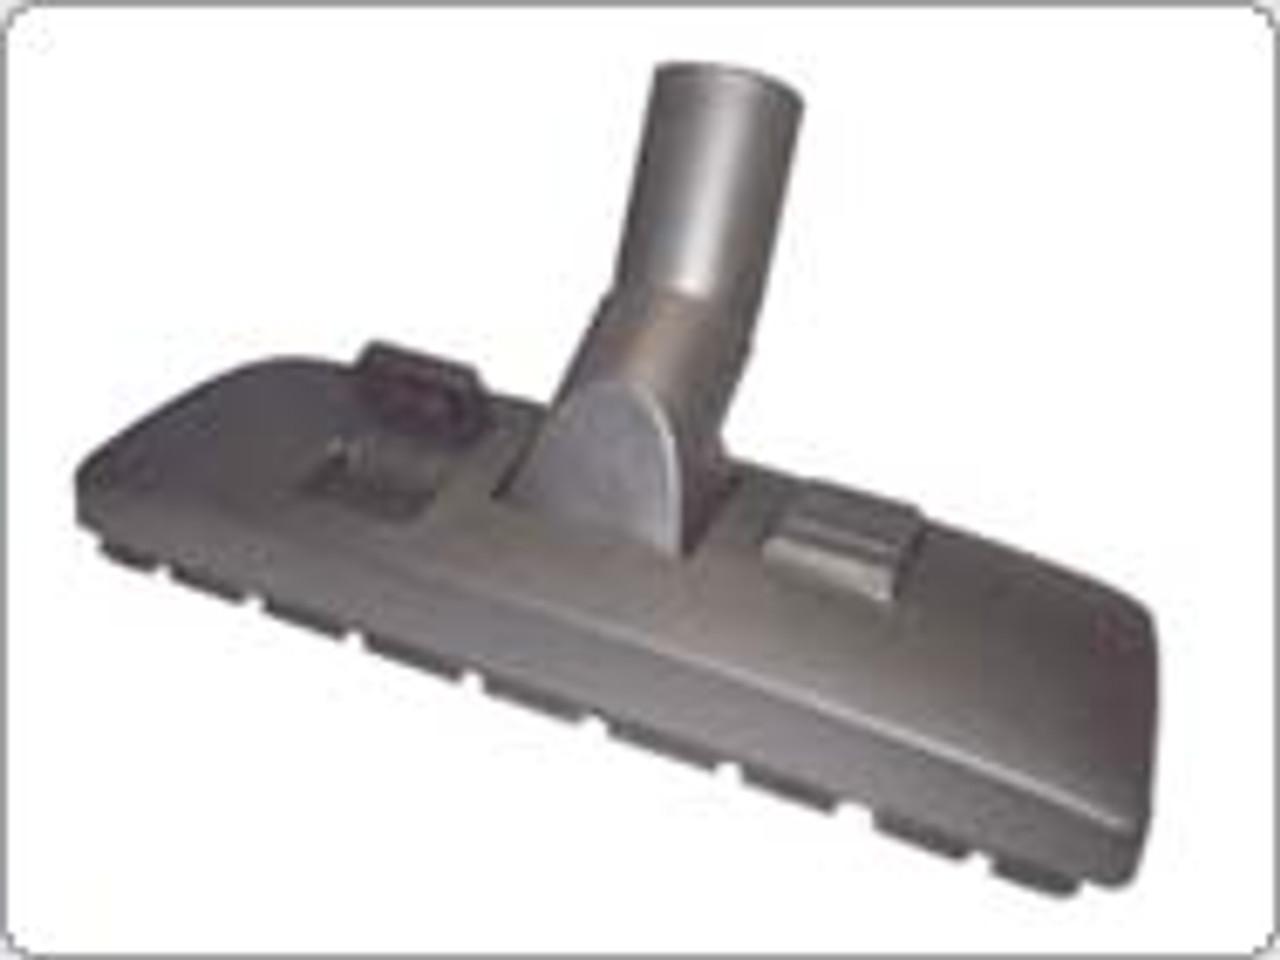 Universal 32mm Combination Floor Tool (270mm Wide) - TLS148